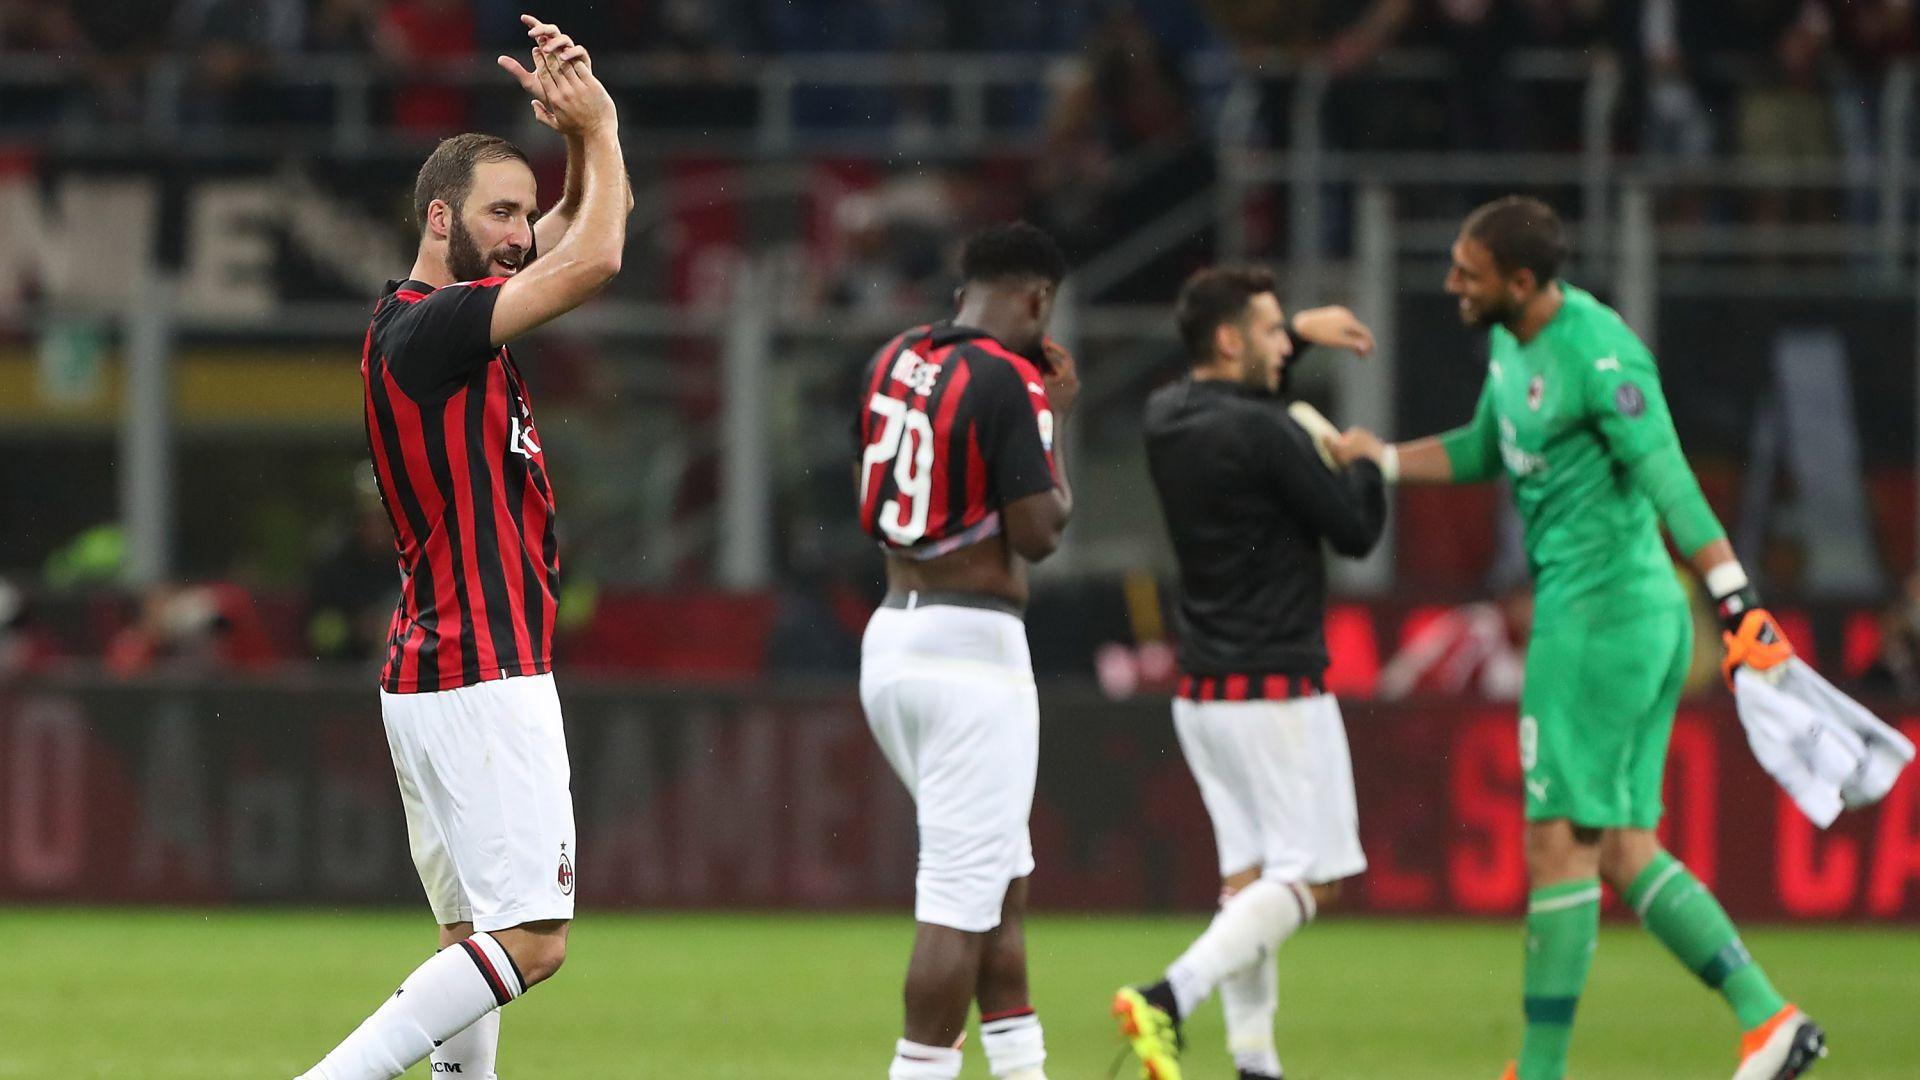 Milan, da goleador ad assistman e trequartista: l'evoluzione di Higuain in rossonero